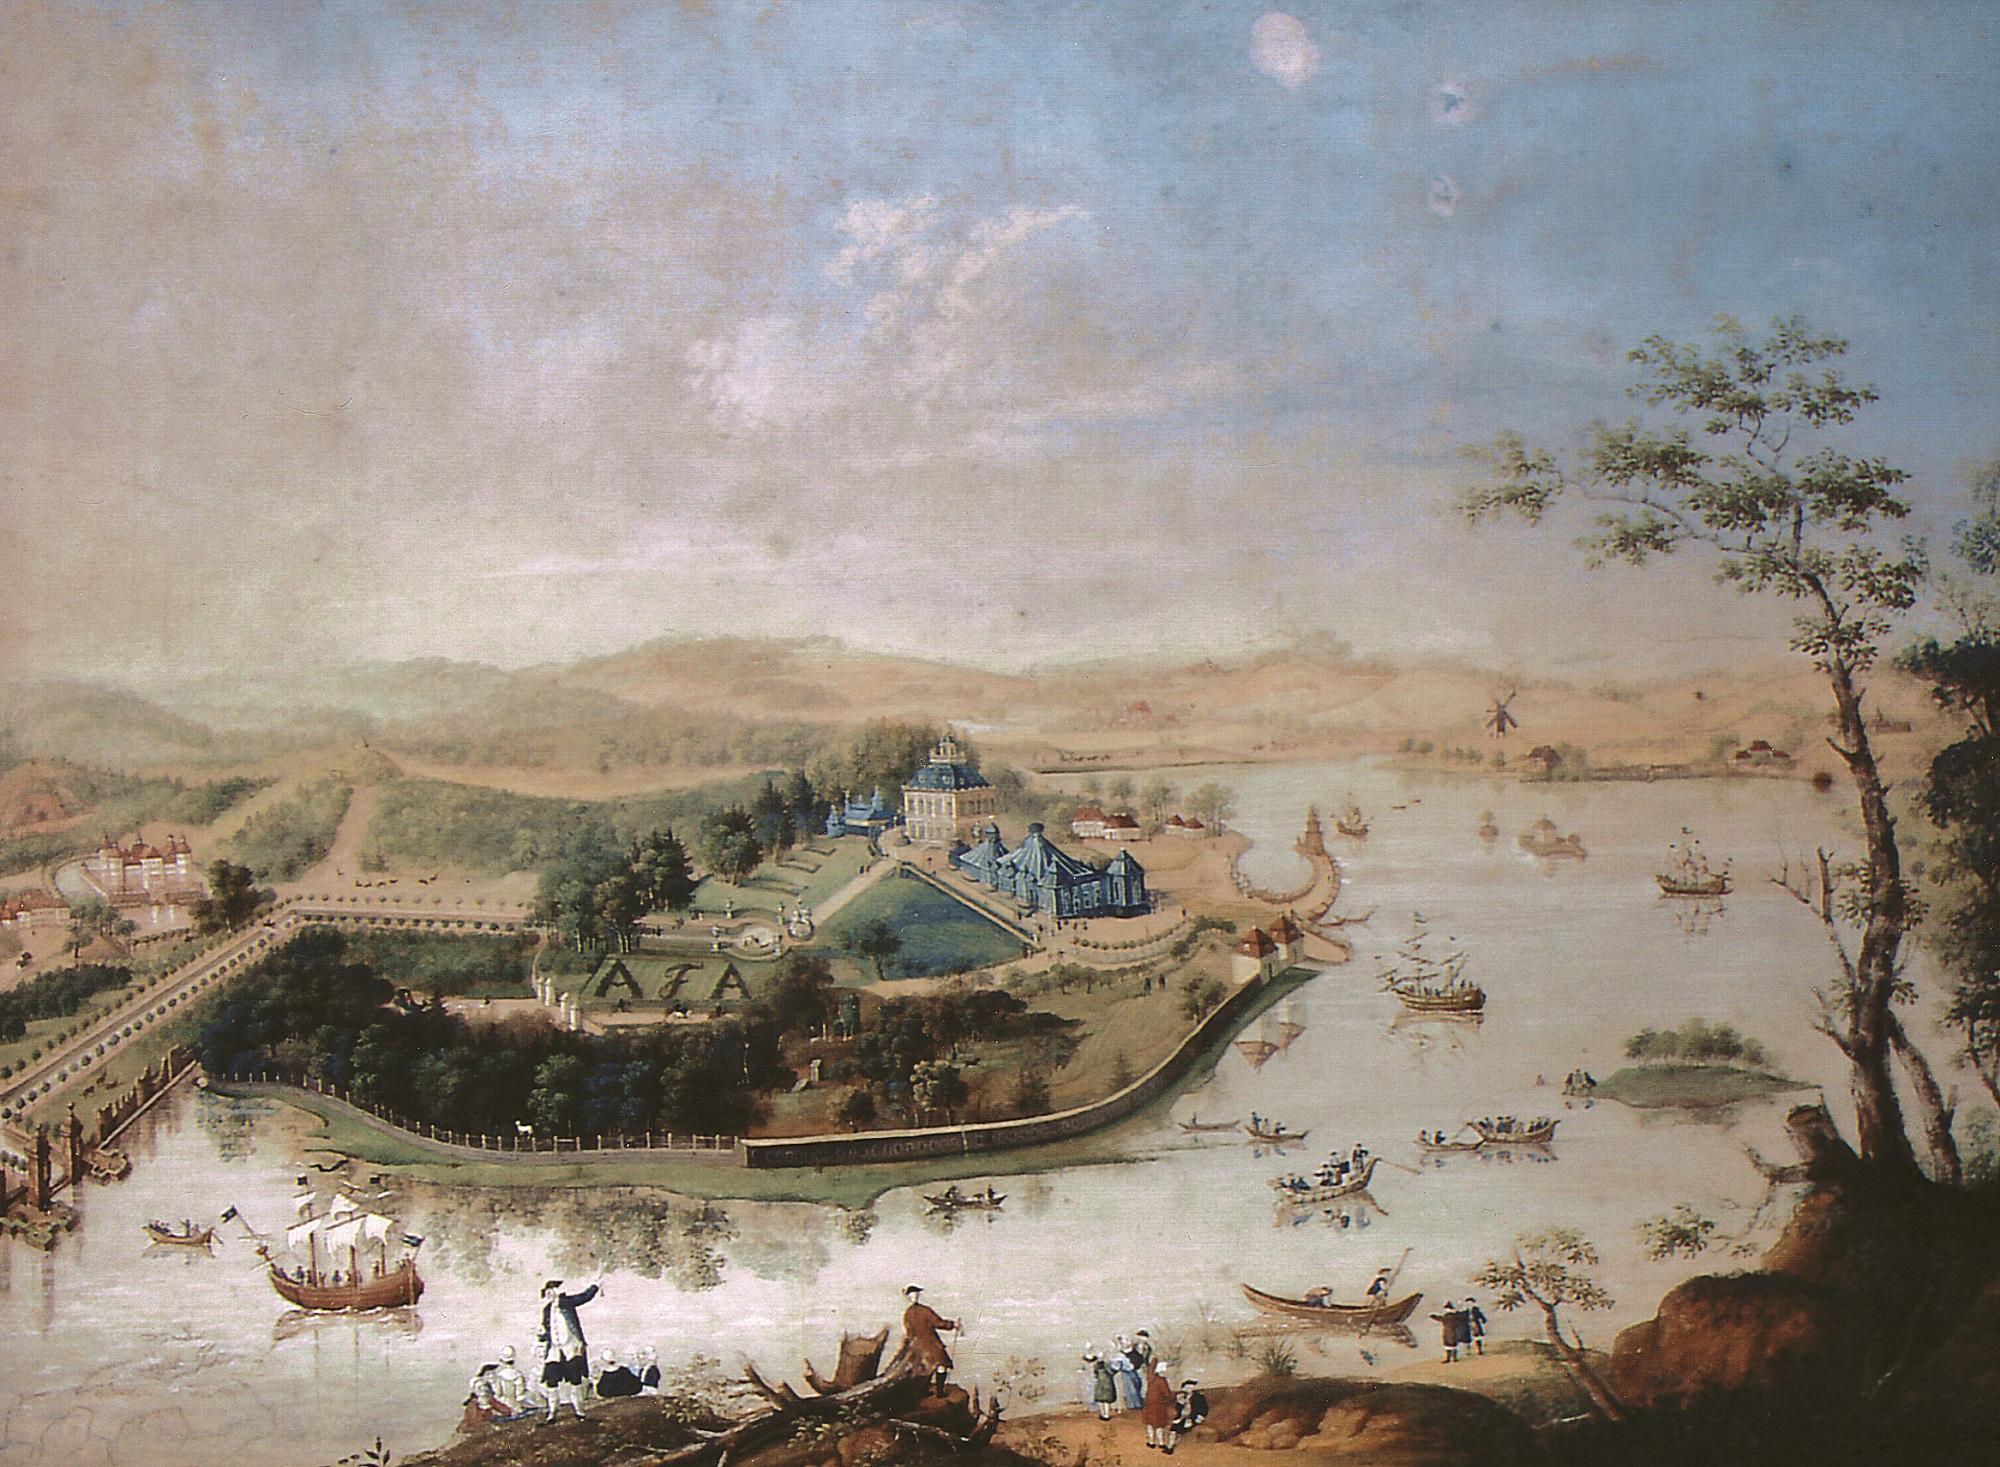 Flottenfest in Moritzburg, Aquarell von J.F. Nagel (c) Stadtmuseum Meissen und Schlösserland Sachsen